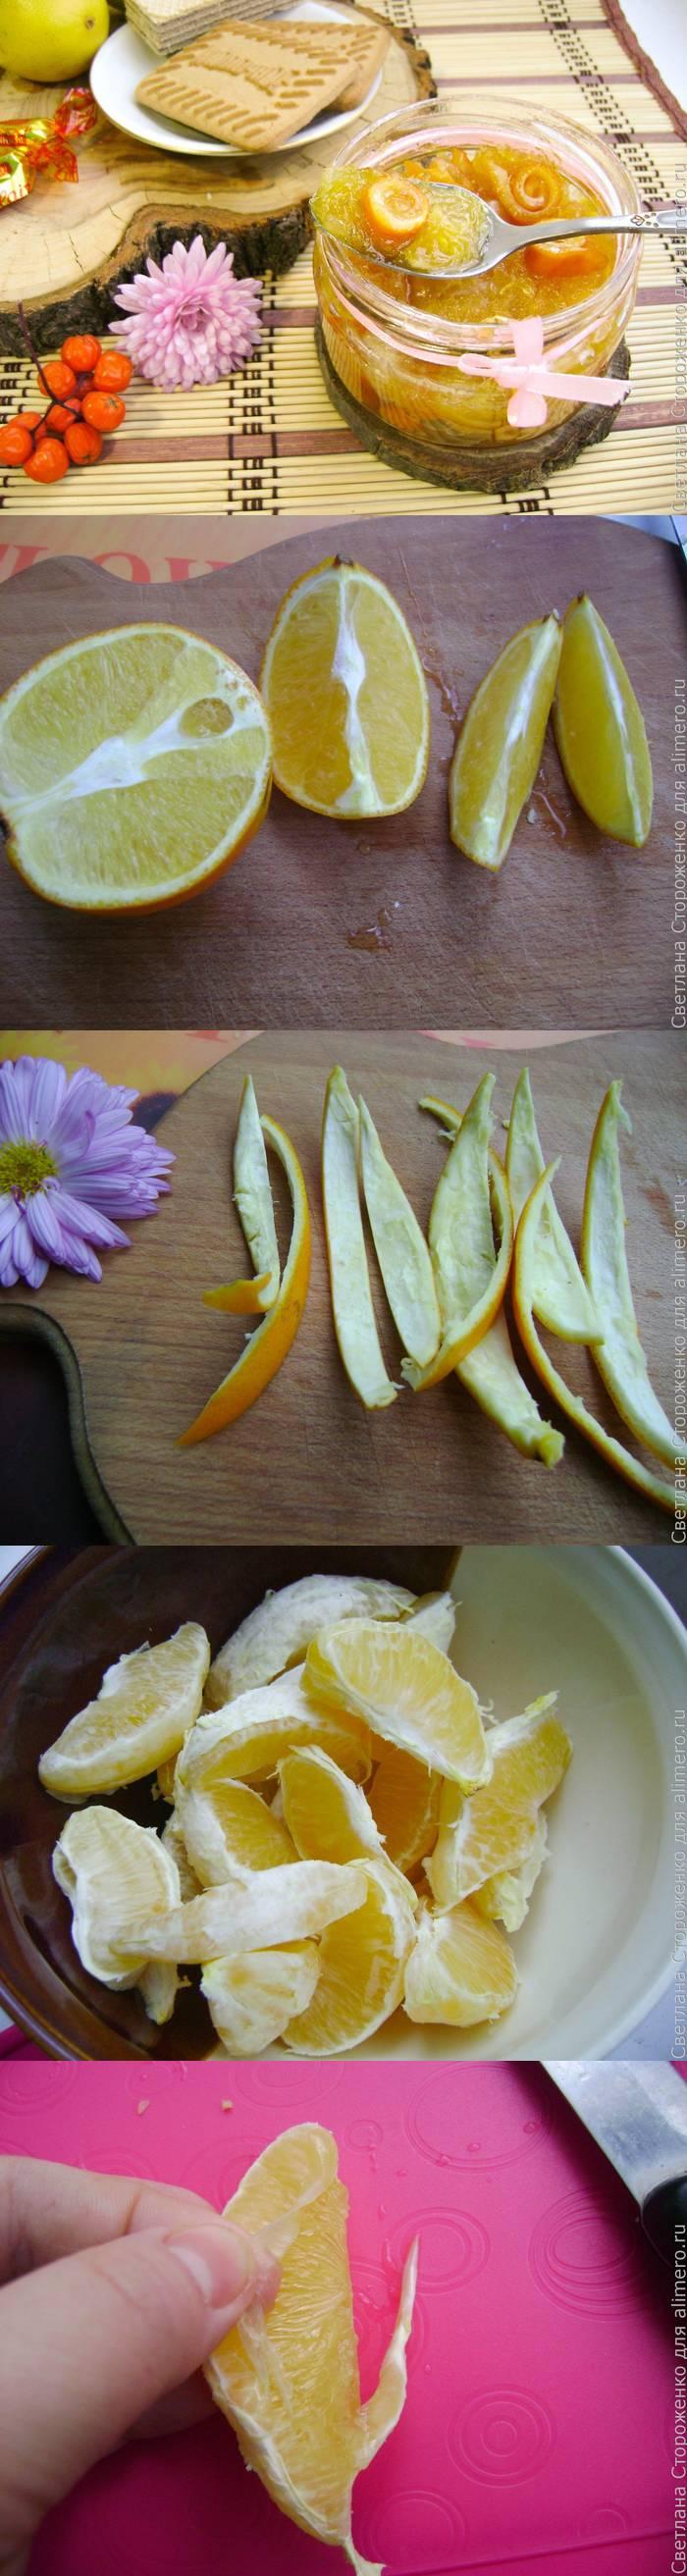 Варенье из апельсинов с цедрой